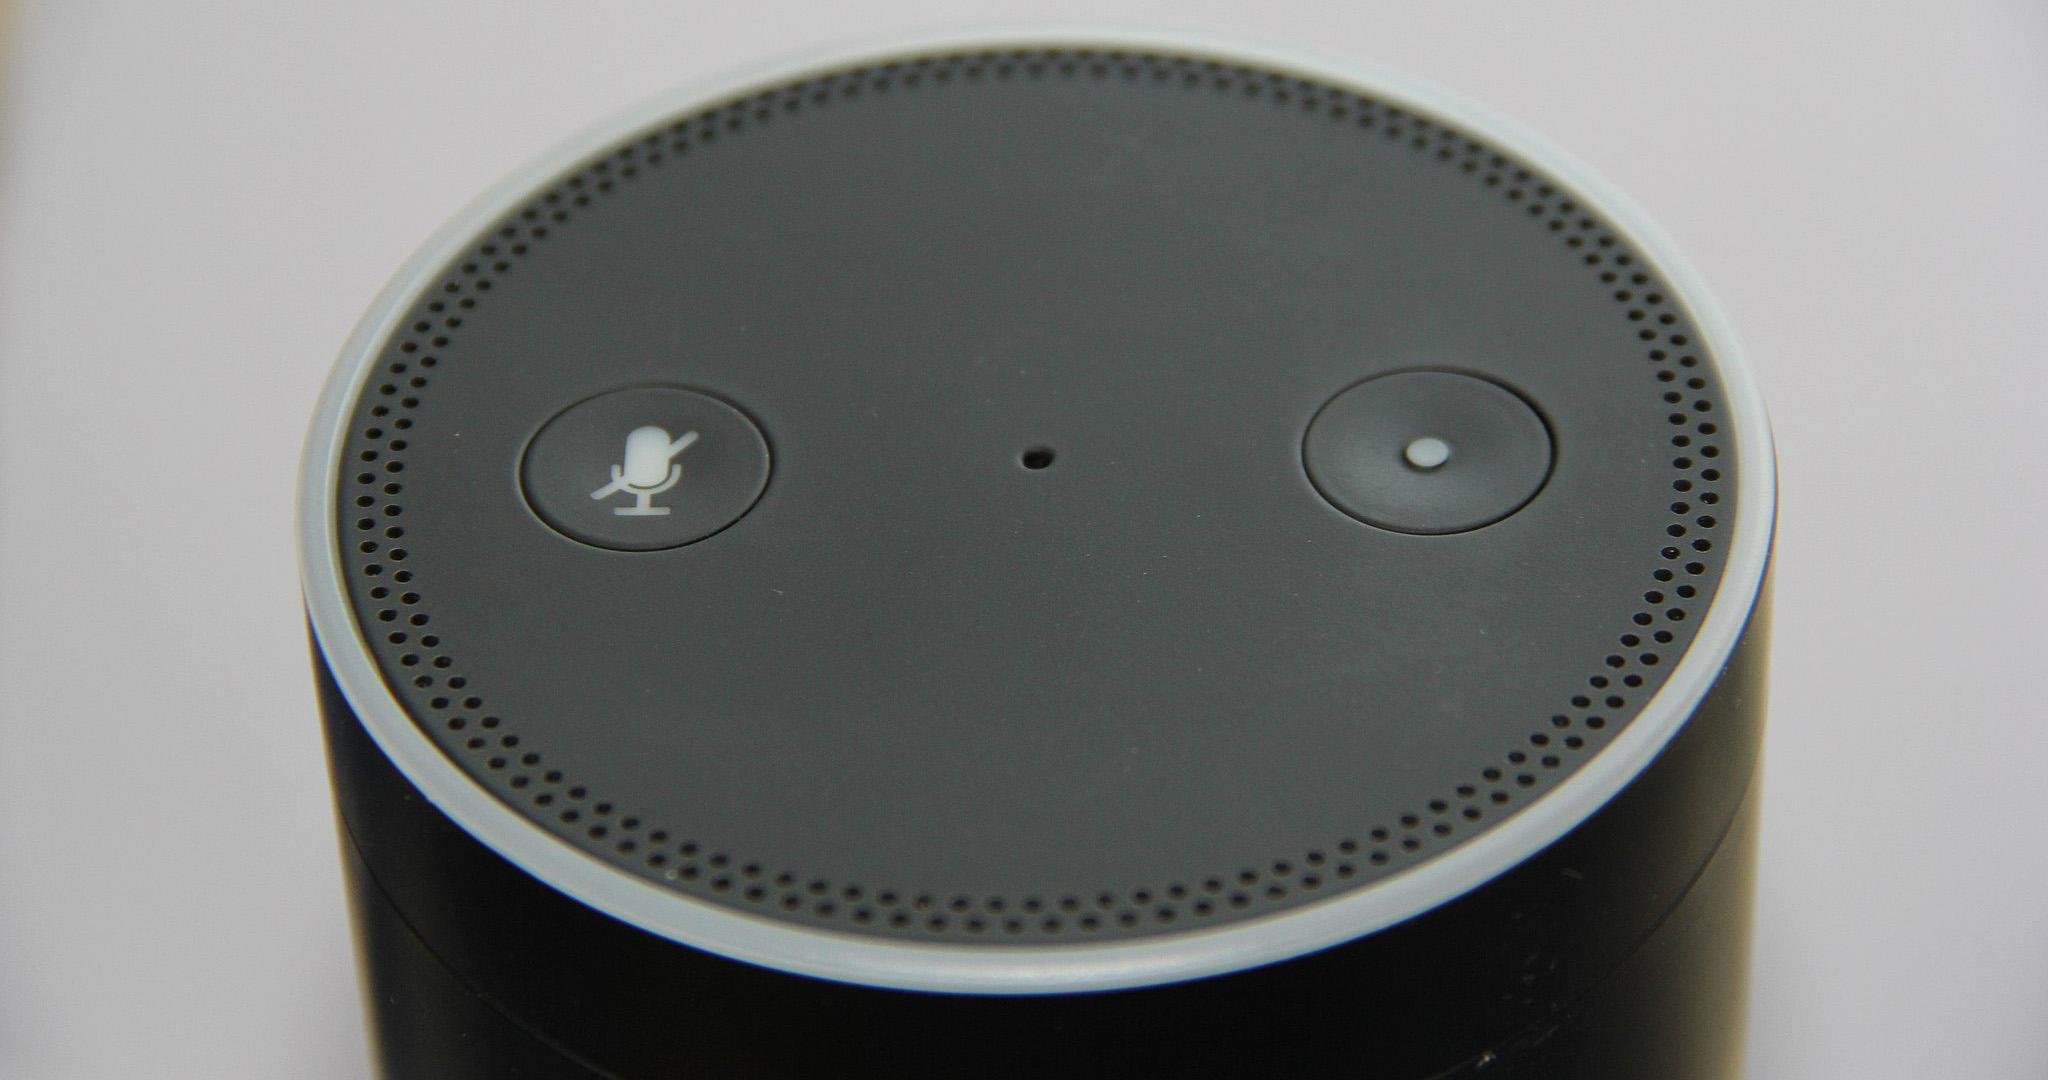 Amazon cruza análise de voz e envio de medicamentos